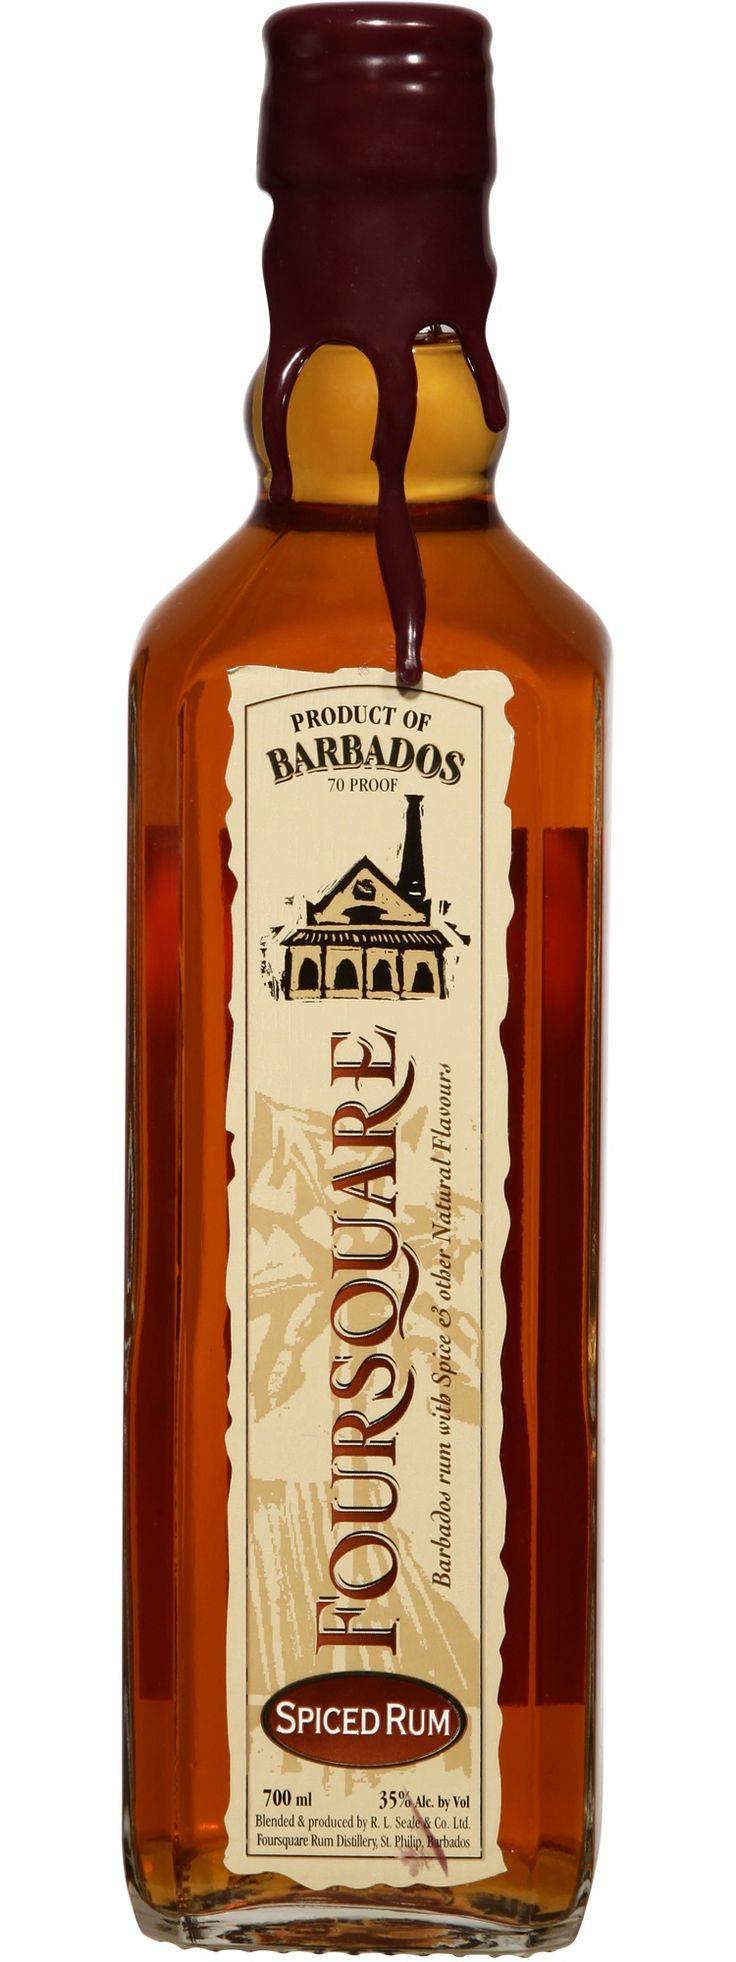 Foursquare Barbados Spiced Rum